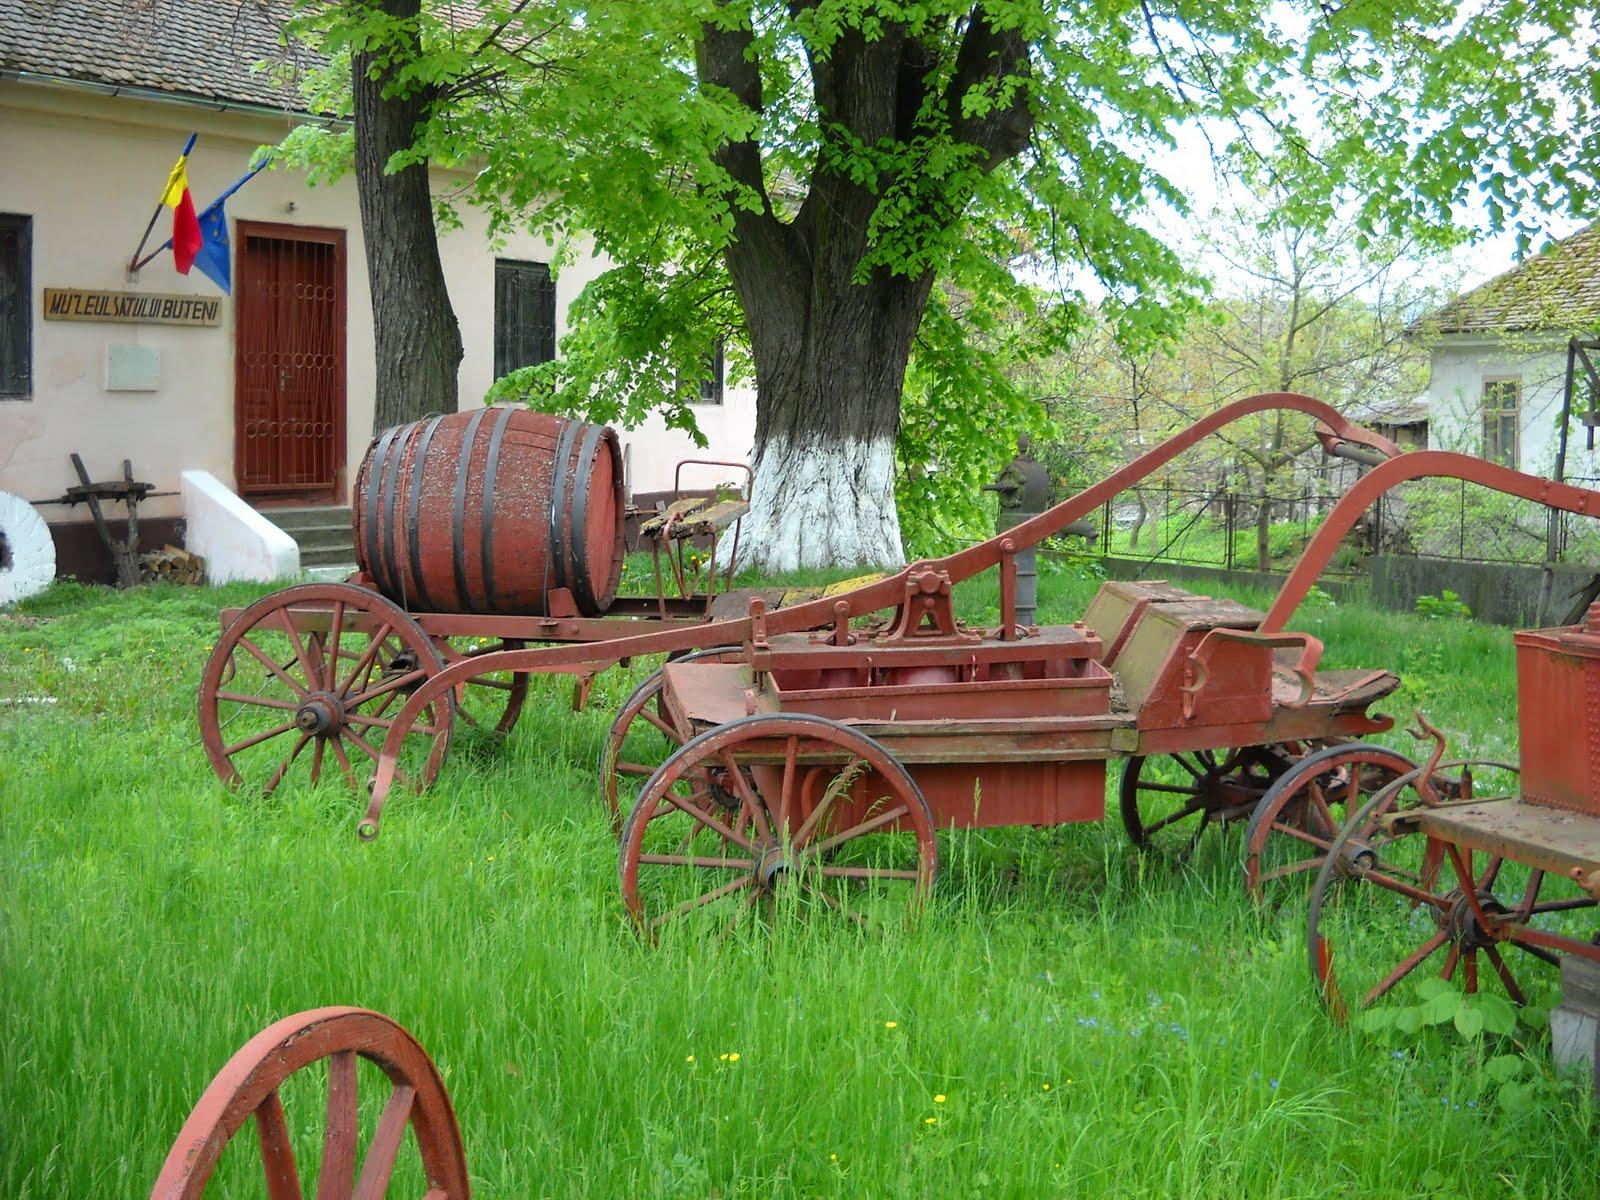 http://1.bp.blogspot.com/_ILnlQVHu15Q/S9beLRjHhhI/AAAAAAAABPA/7DkY4Nf6Idw/s1600/la+muzeul+satului+din+Buteni.jpg